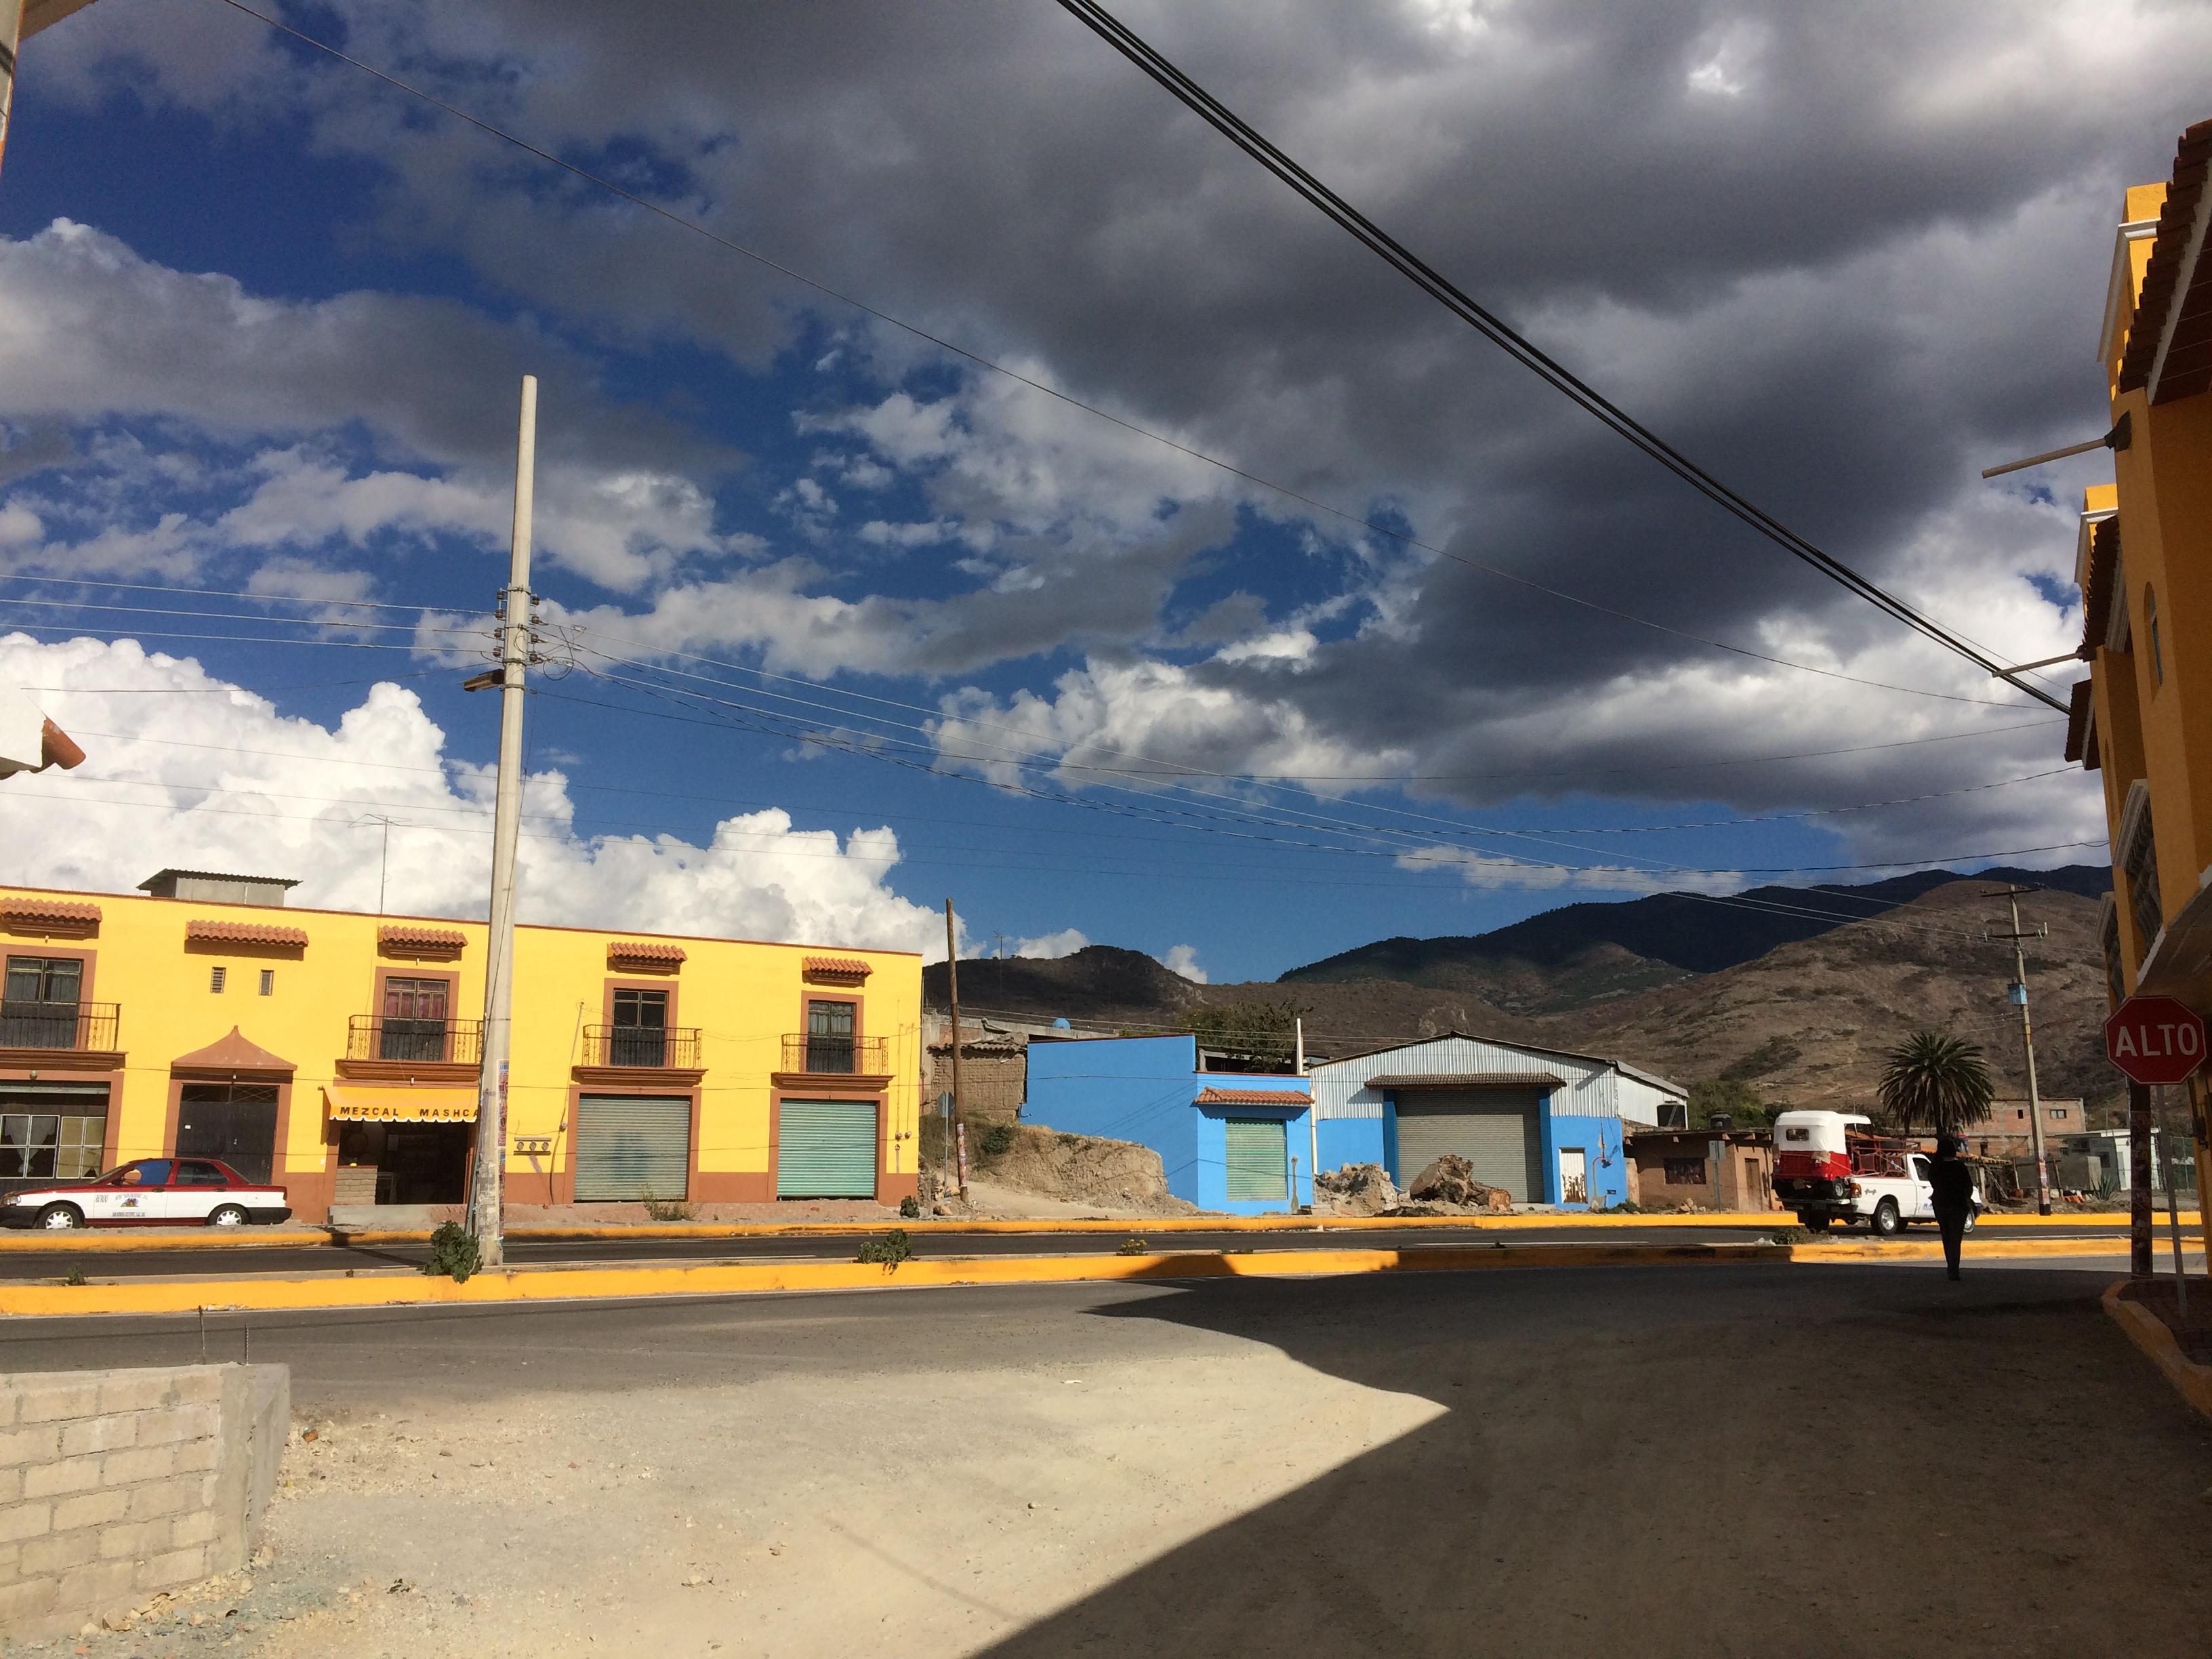 Santiago Matalan, Mexico